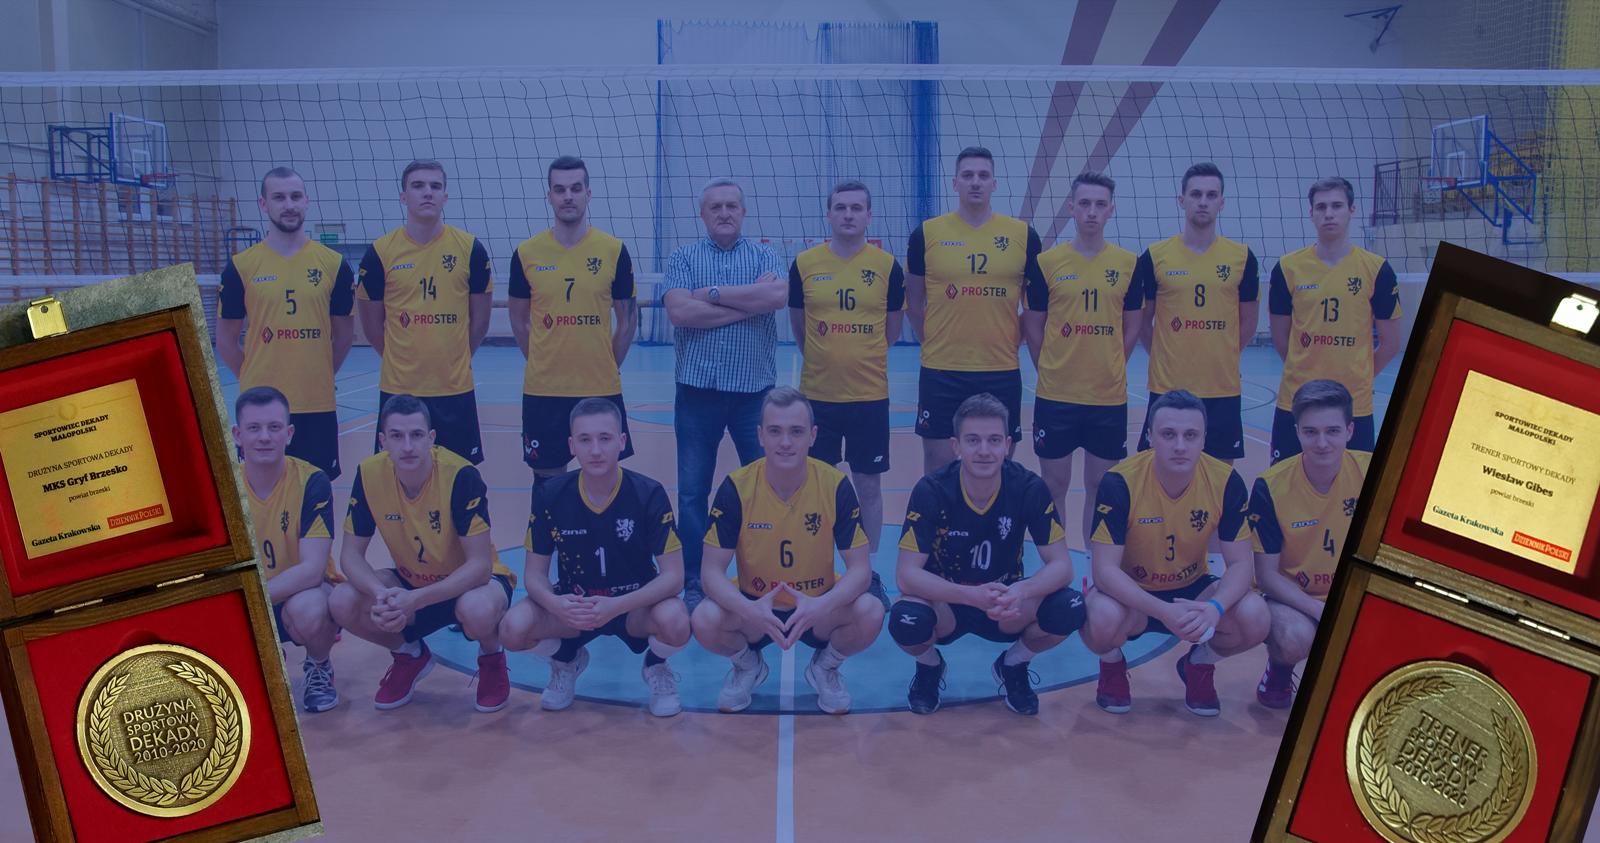 wspanialy-sezon-mks-gryf-brzesko.png